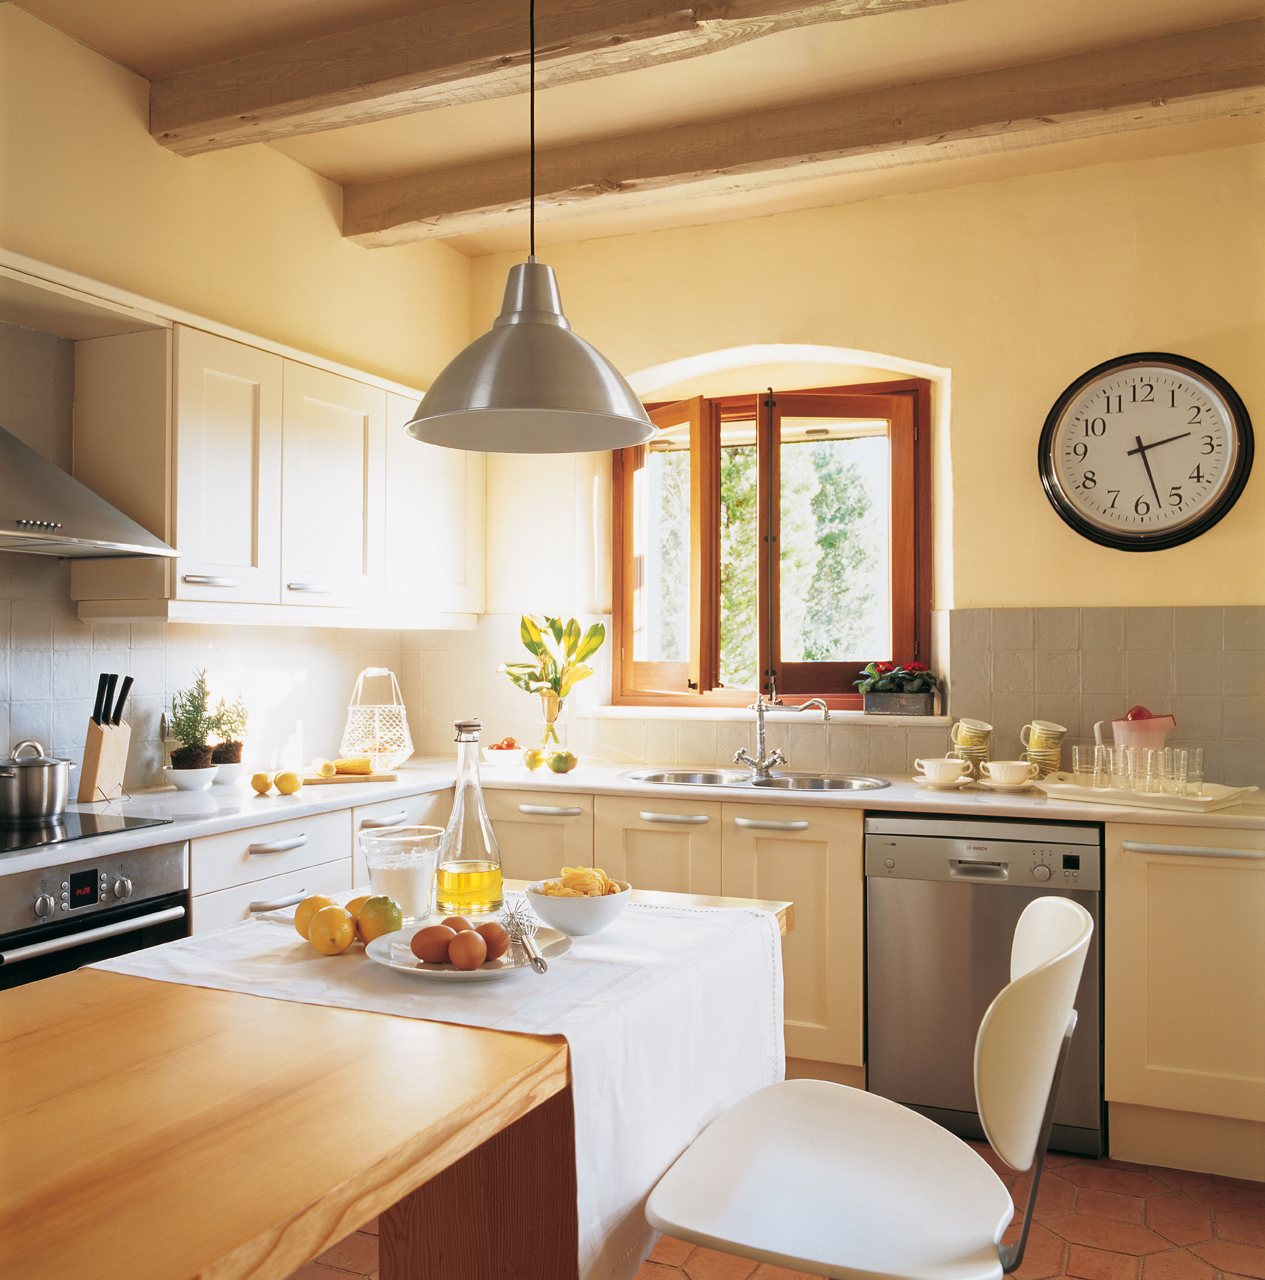 Cocina y ba o como nuevos con un gasto m nimo - Cocinas y banos ...